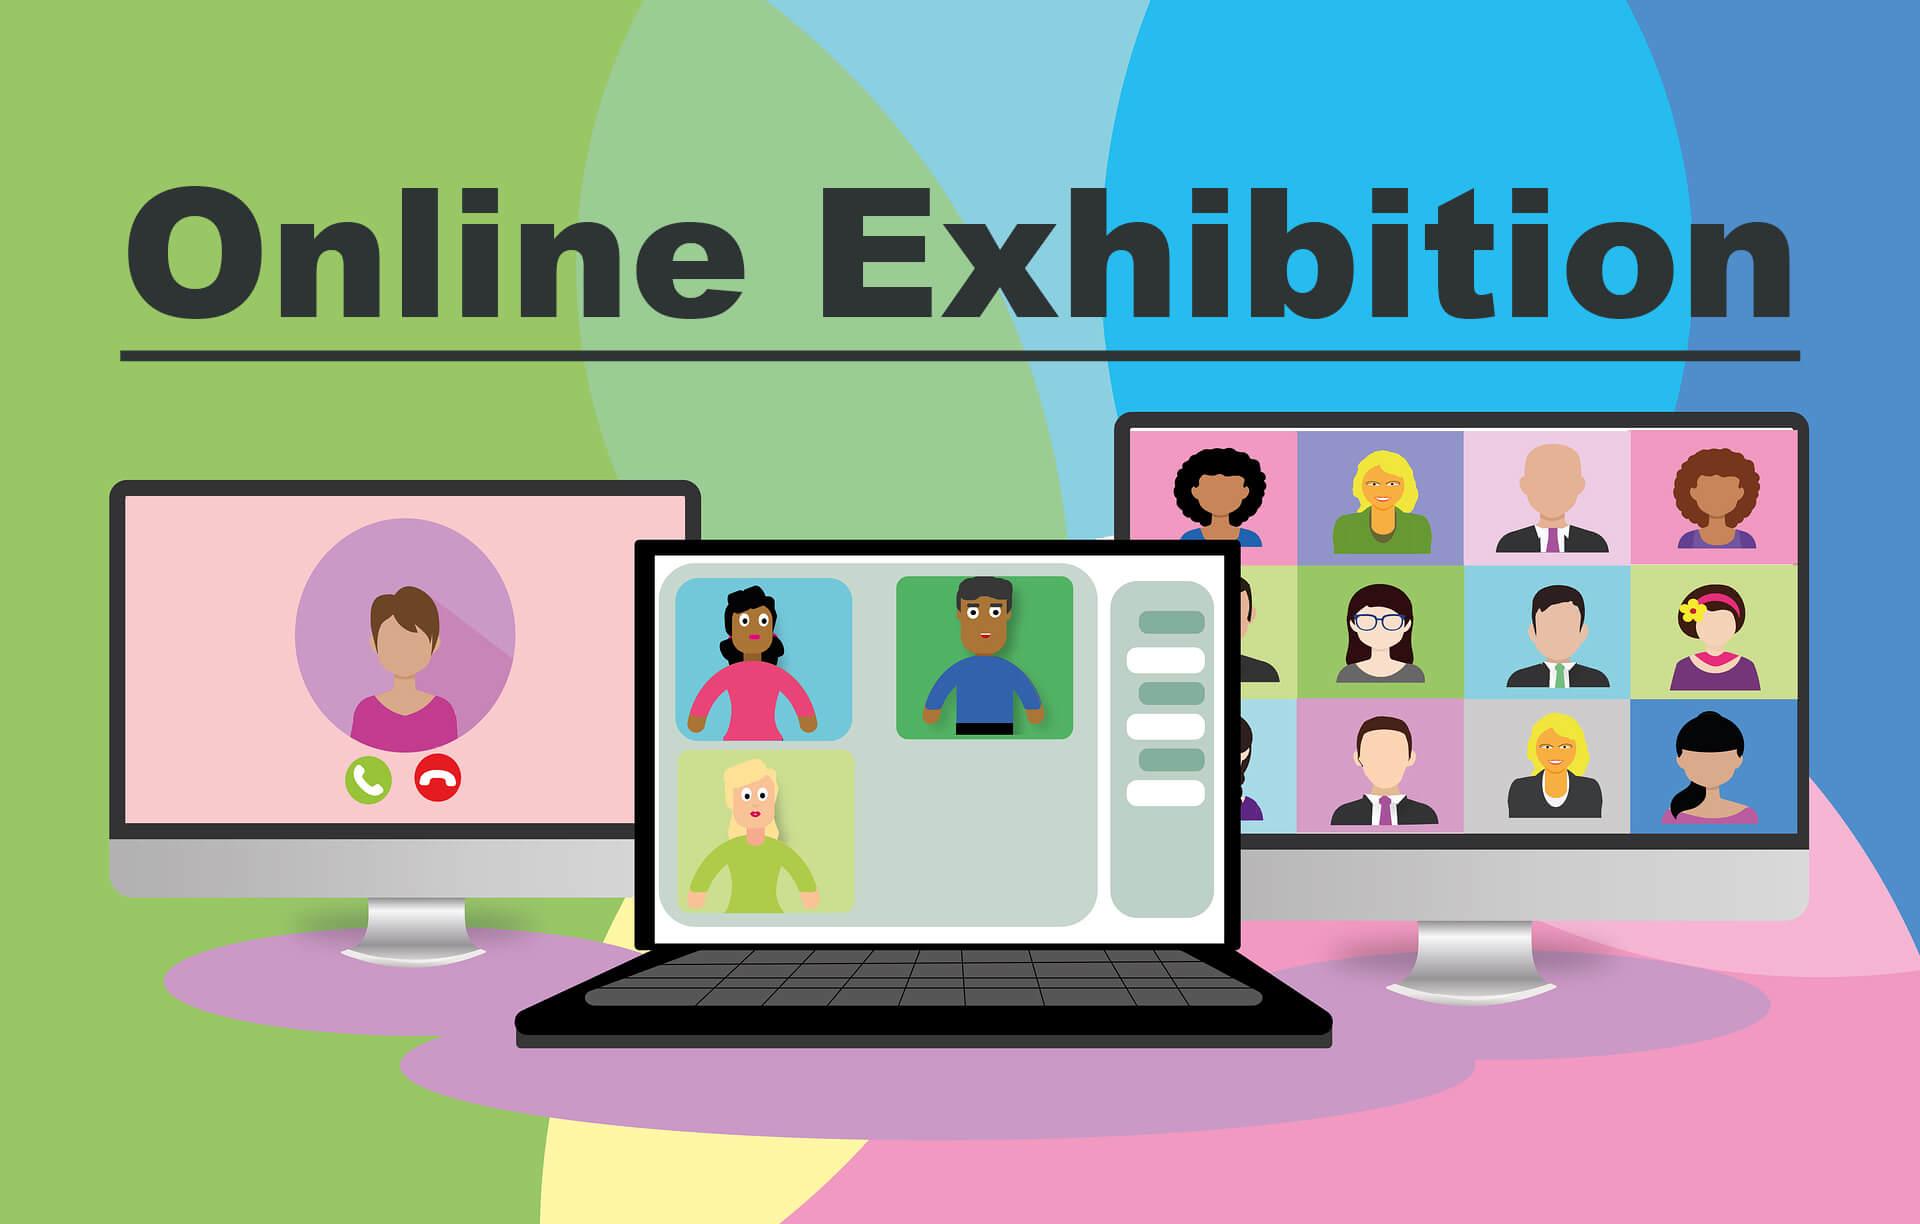 オンライン(バーチャル)展示会のメリット&デメリット | リアル展示会との違いと特徴とは?